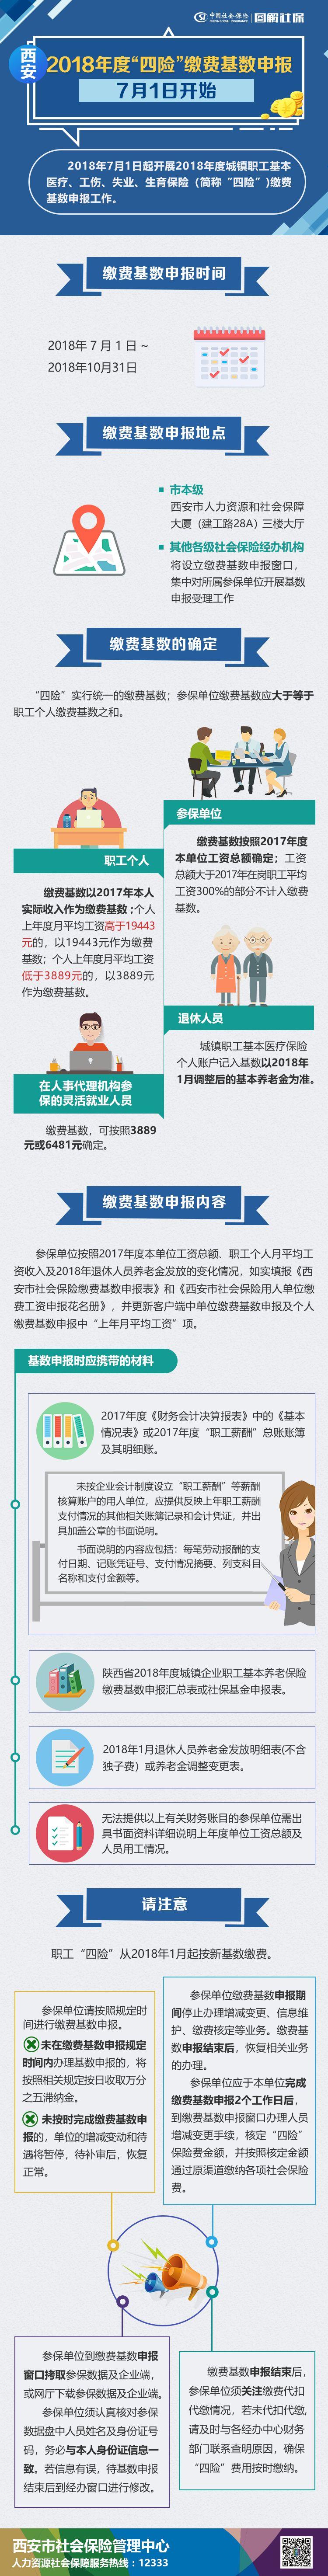 2018西安社保缴费基数确定 7月1日开始申报